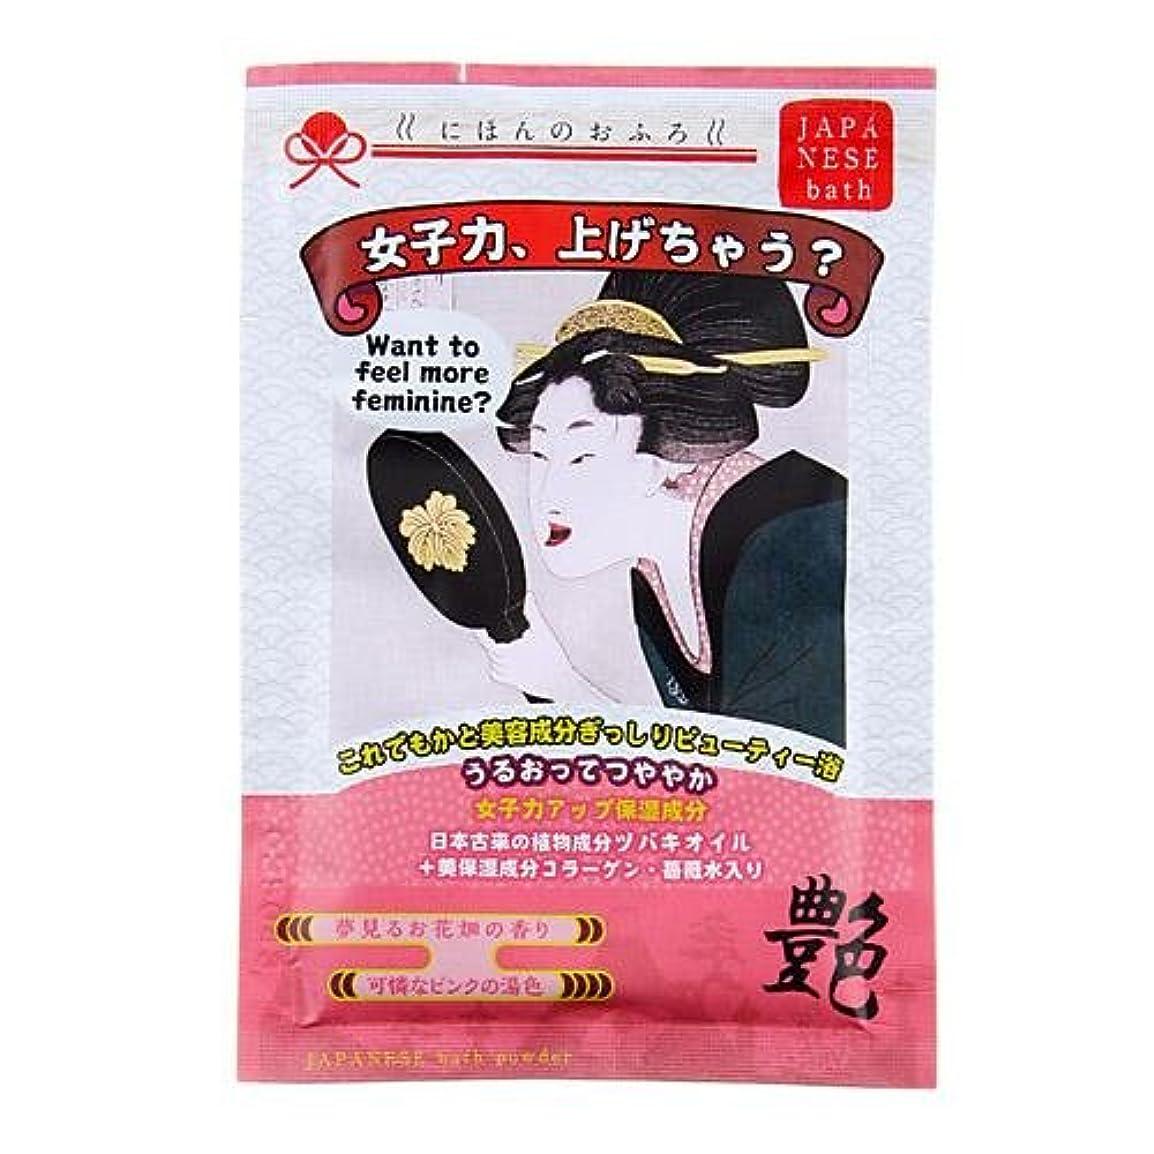 ガロンシンジケート木曜日日本のお風呂 「女子力、上げちゃう?」 10個セット